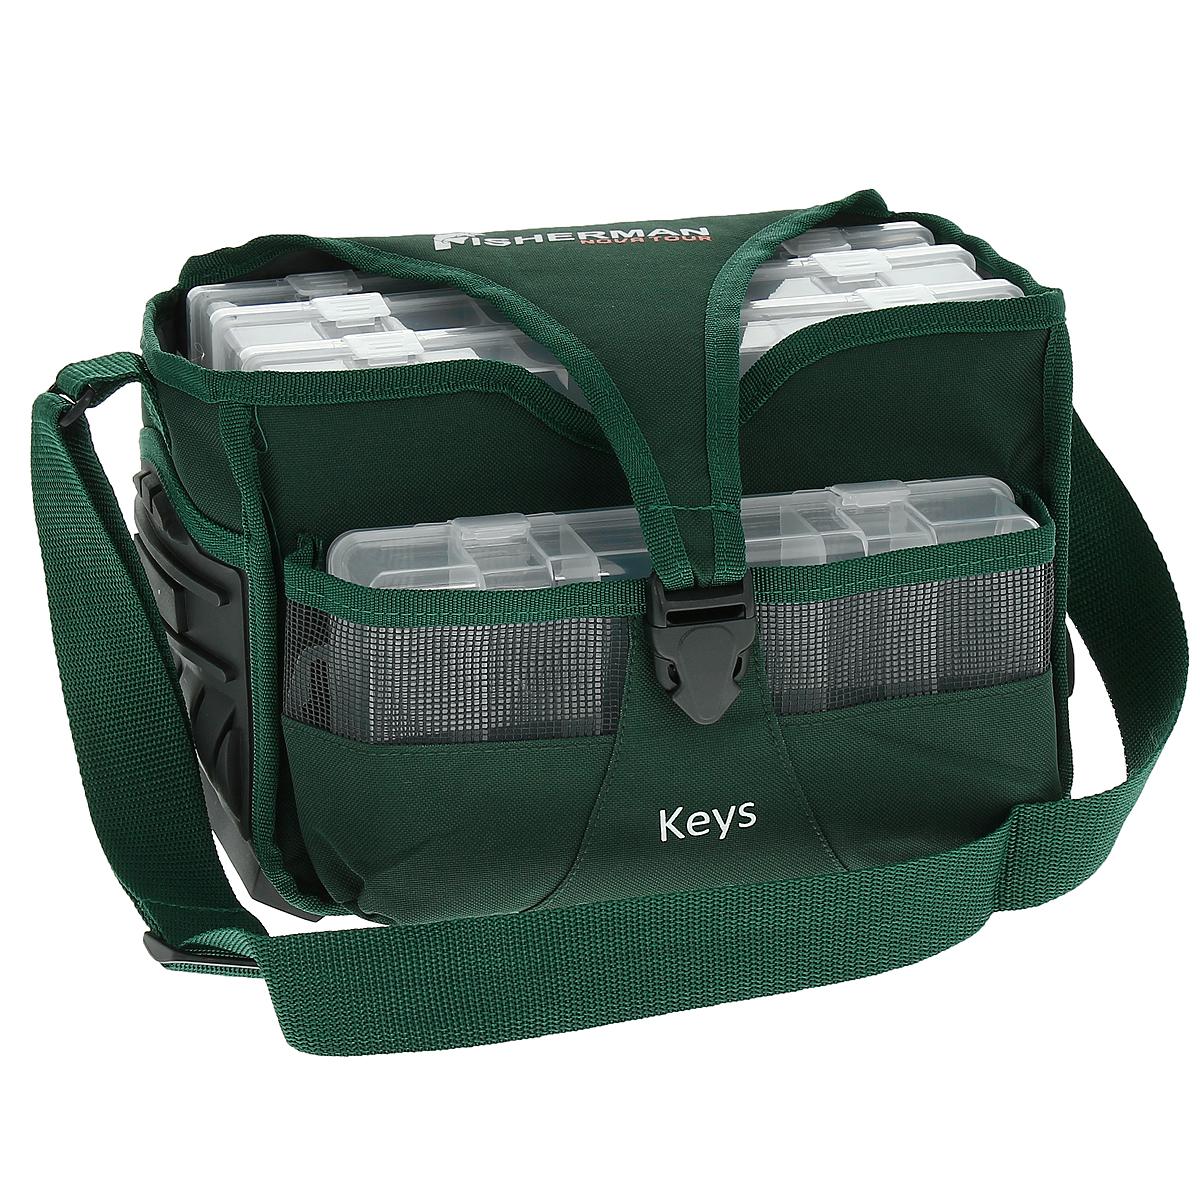 Сумка для рыбалки Fishernan Nova Tour Кейс, цвет: зеленый95133-502-00Рыбацкая сумка Fishernan Nova Tour Кейс для любителей порядка. Все аккуратно сложено и упаковано, и в то же время, все под рукой. Вместительное основное отделение прямоугольной формы, сетчатый боковой карман, 4 пластиковых и усиленное дно, которое позволит оставлять сумку на земле - что еще нужно для хорошей сумки рыболова.